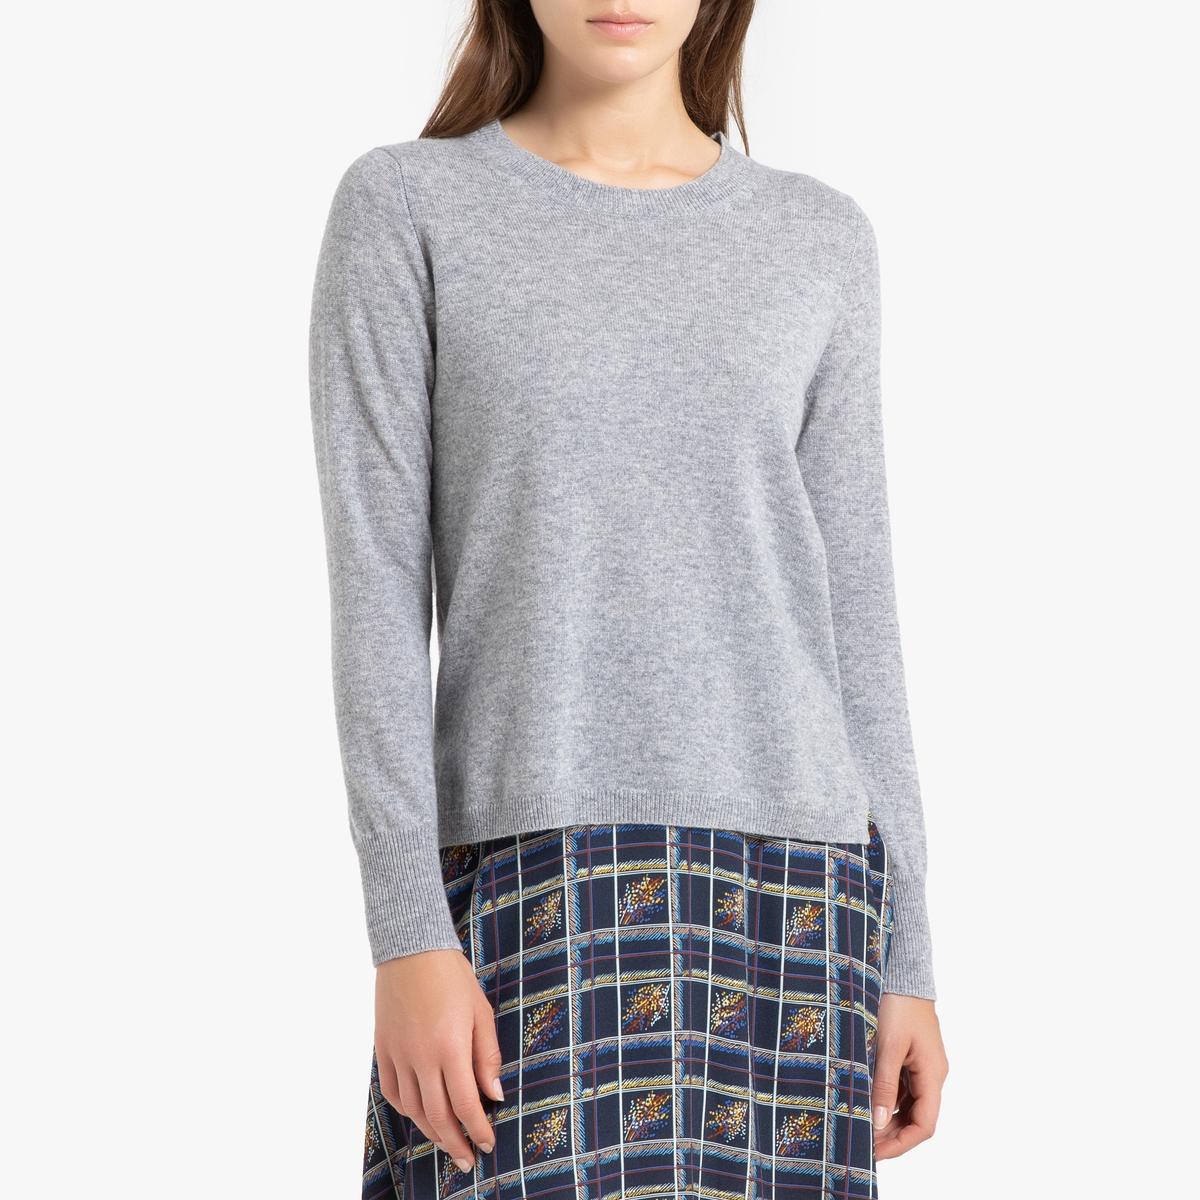 Пуловер La Redoute Кашемировый с круглым вырезом из тонкого трикотажа ROSE 2(M) серый пуловер la redoute с круглым вырезом из тонкого трикотажа m красный